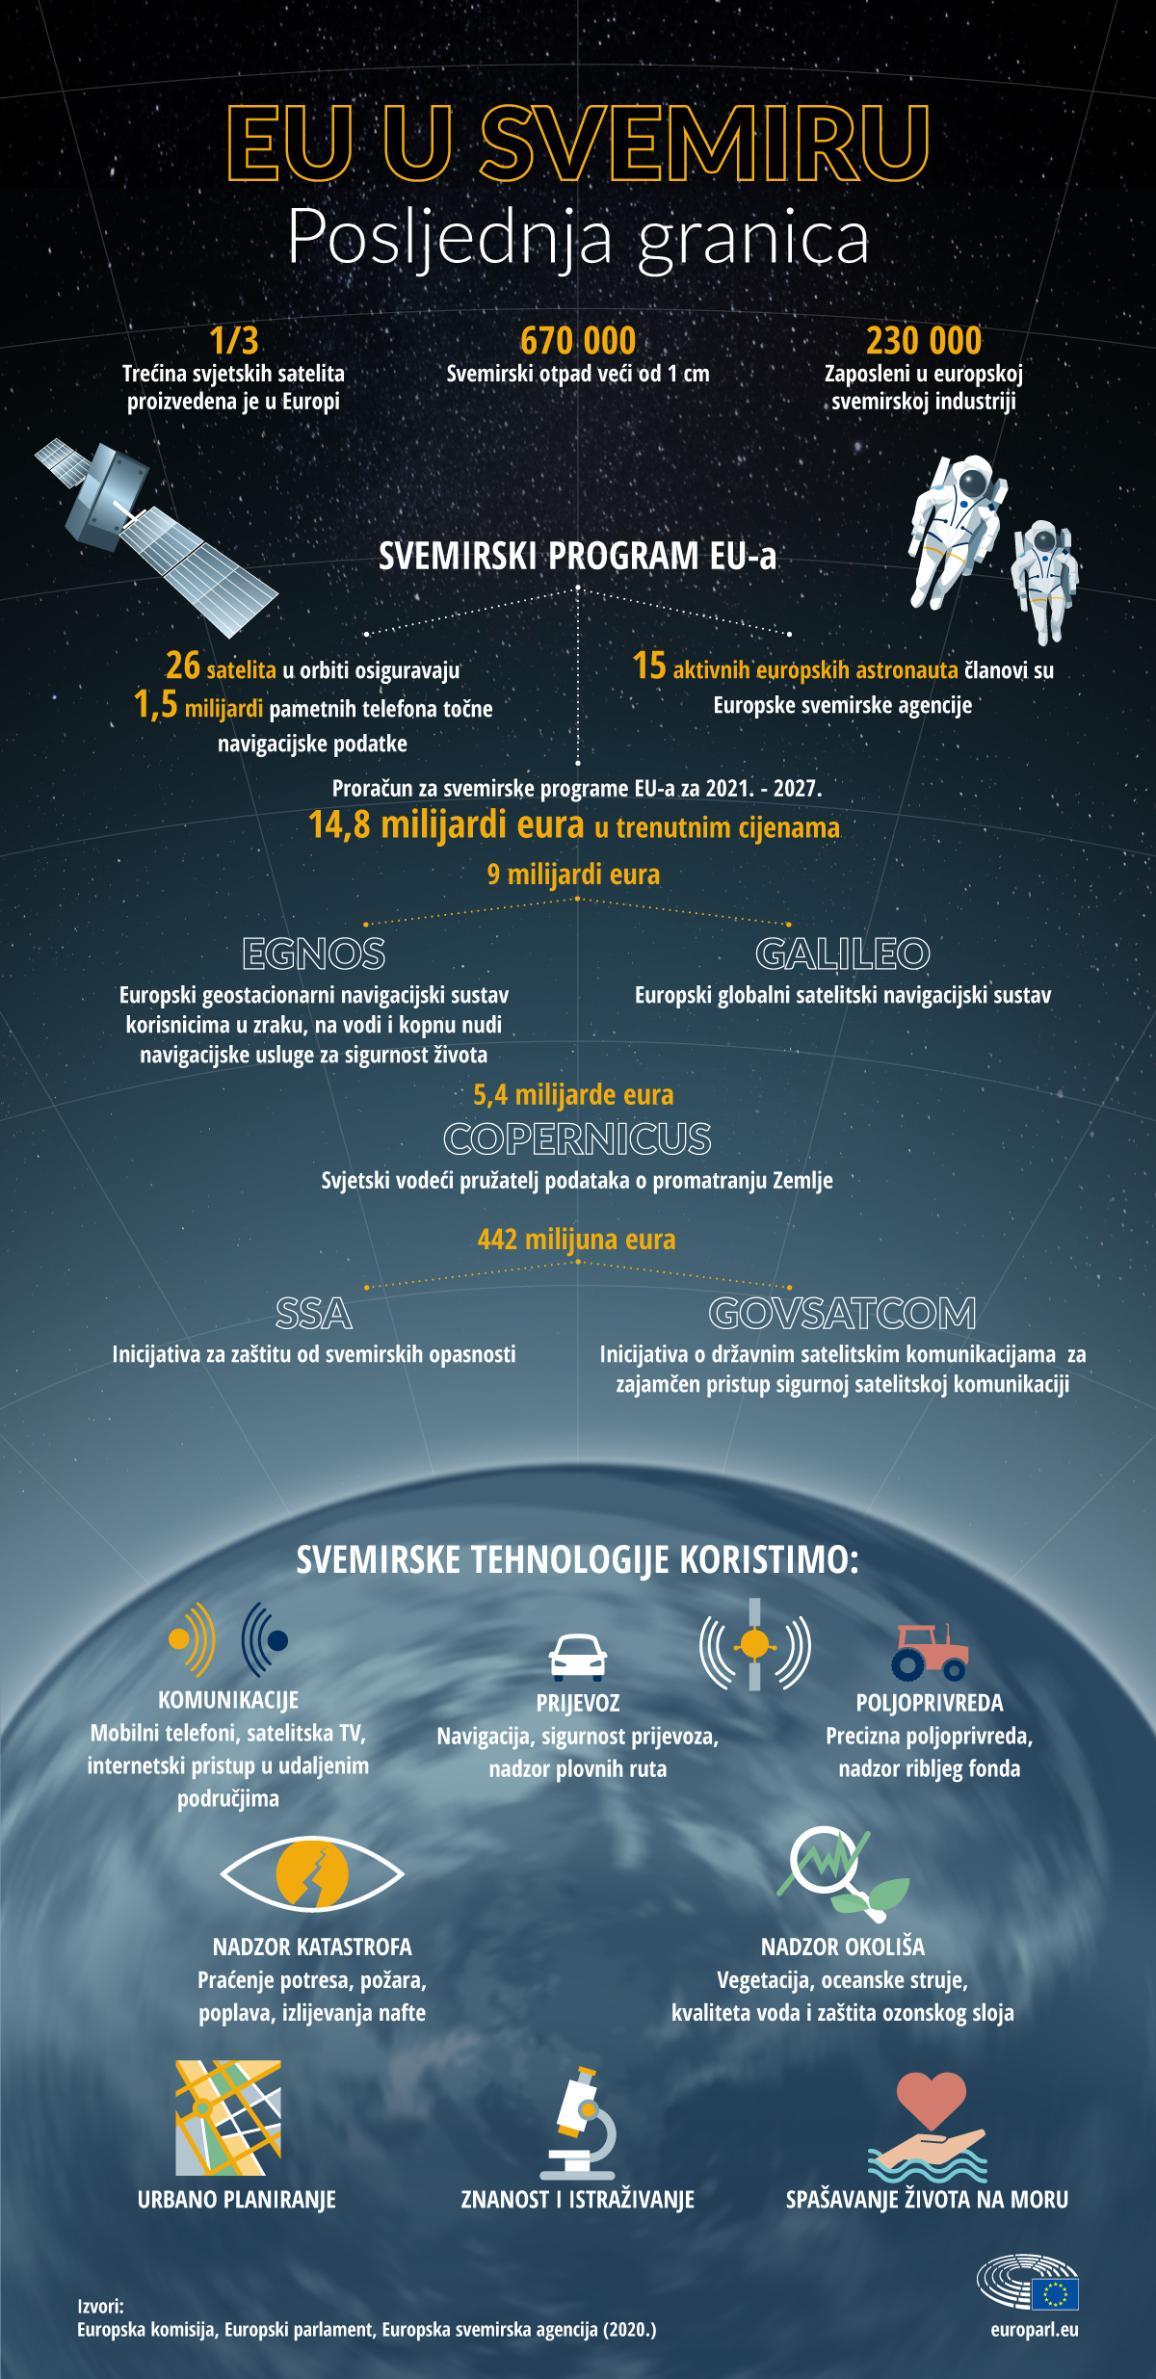 Infografika s brojkama i podacima o svemirskim programima EU-a i objašnjenje za što se koristi svemirska tehnologija u svakodnevnom životu